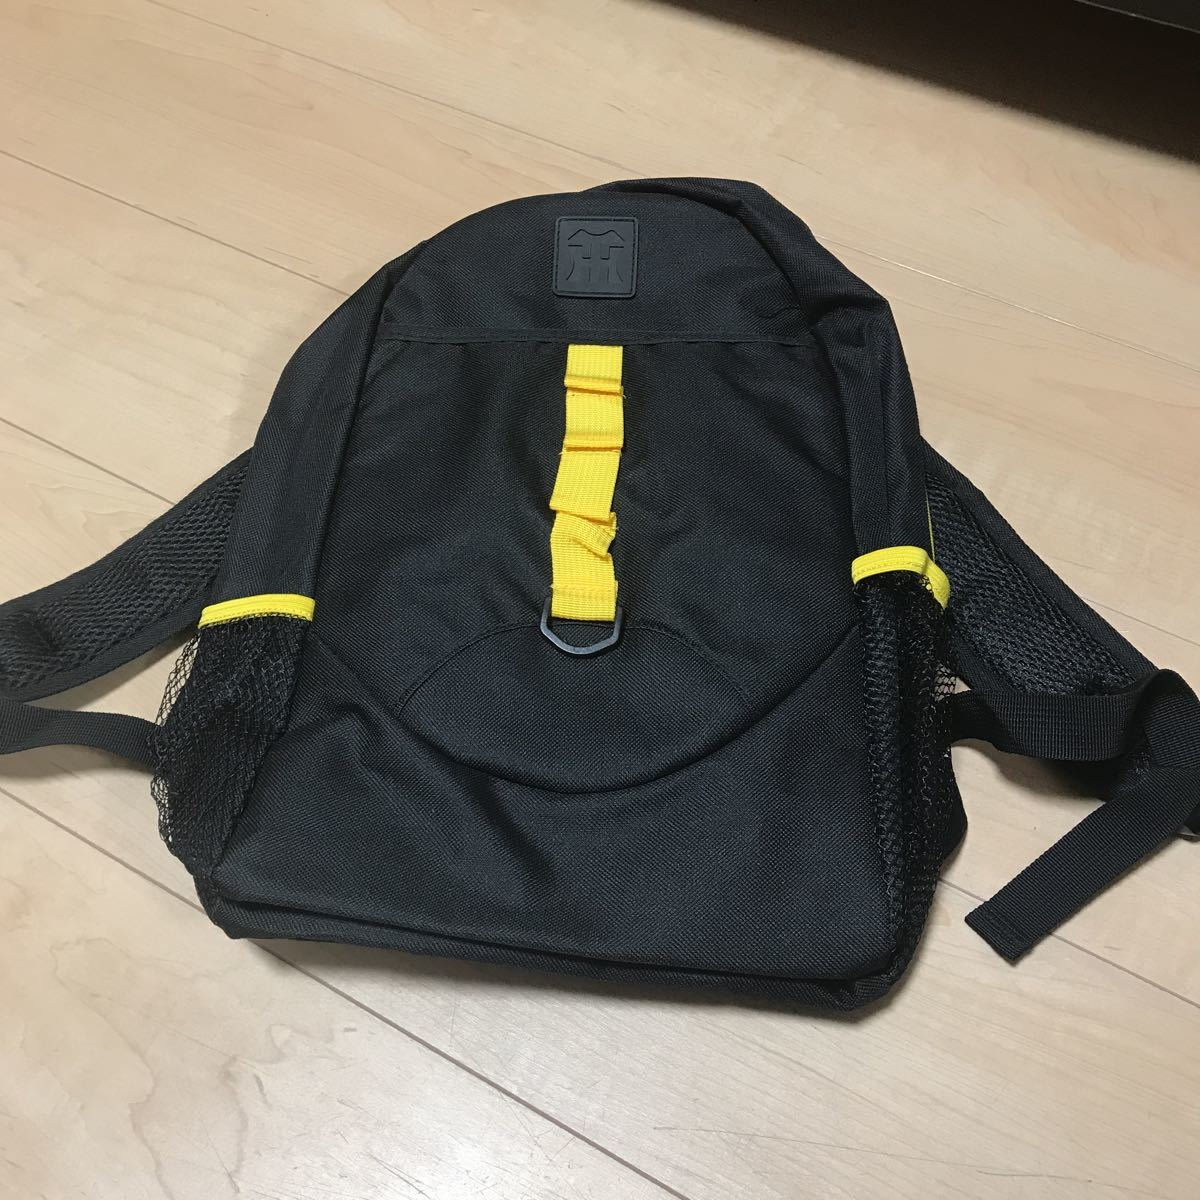 未使用 阪神タイガース リュック キッズ 非売品 応援グッズ ブラック/イエロー_画像1